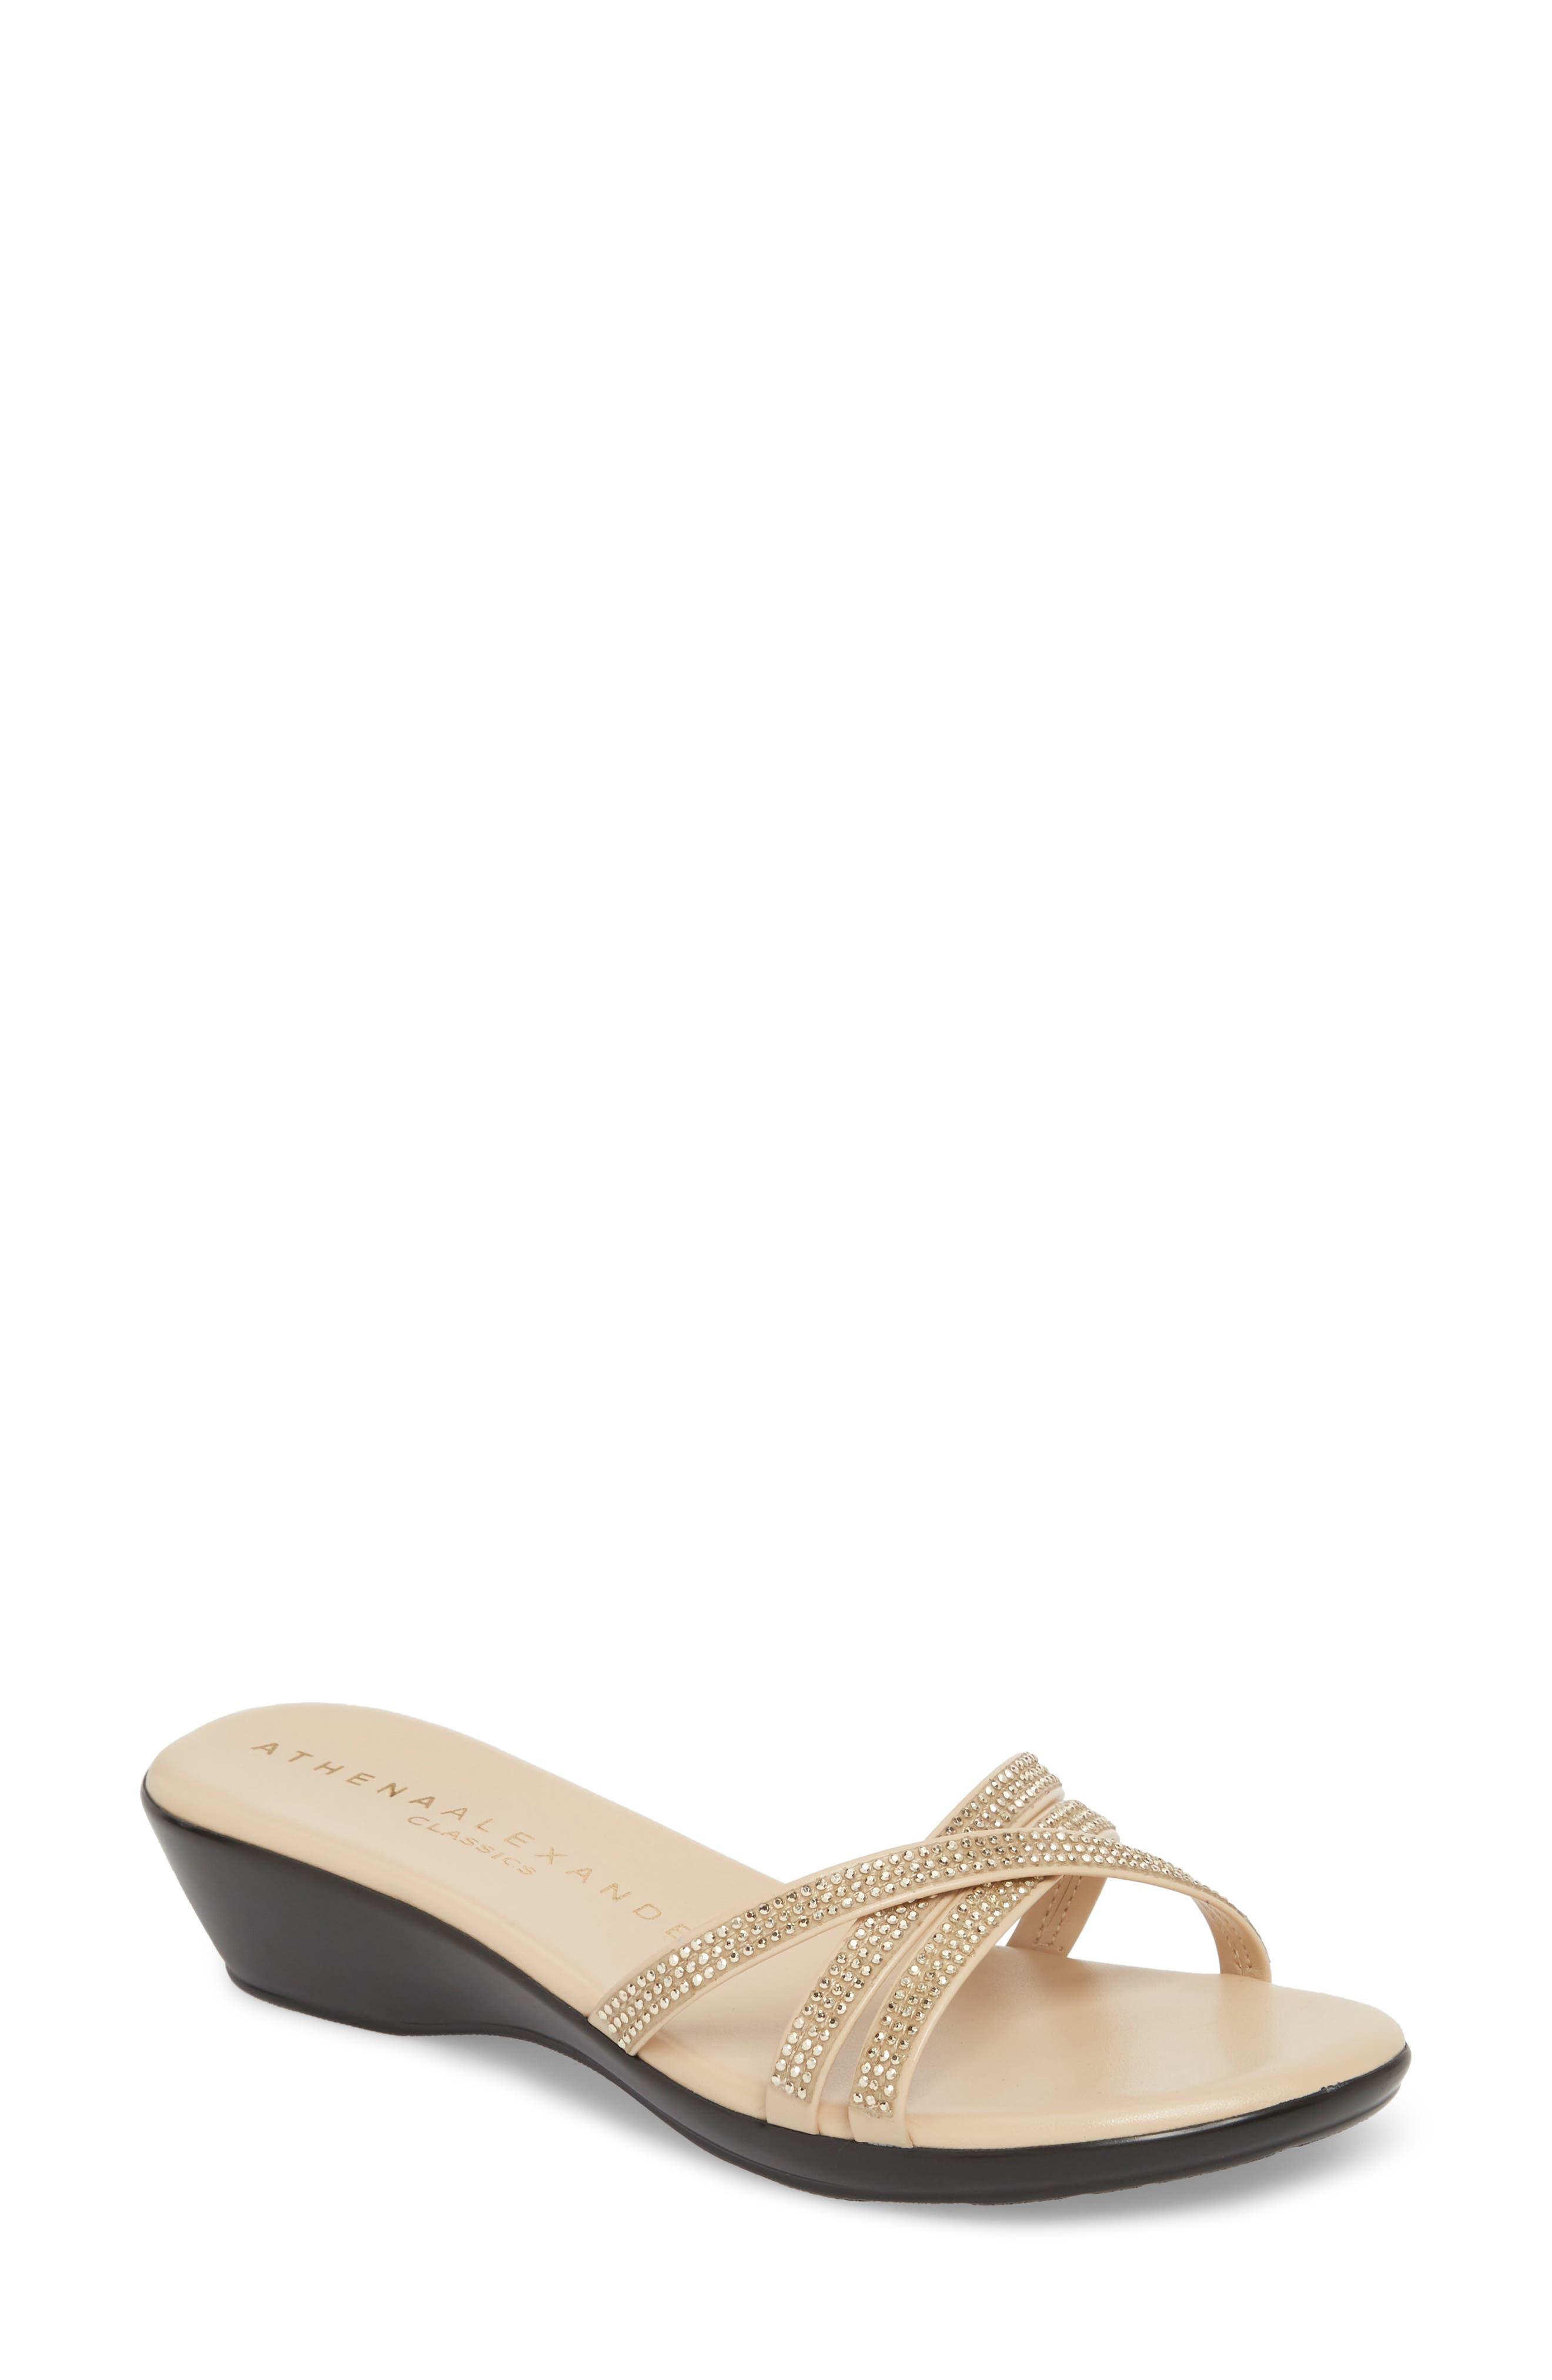 Athena Alexander Harlow Slide Sandal, Beige